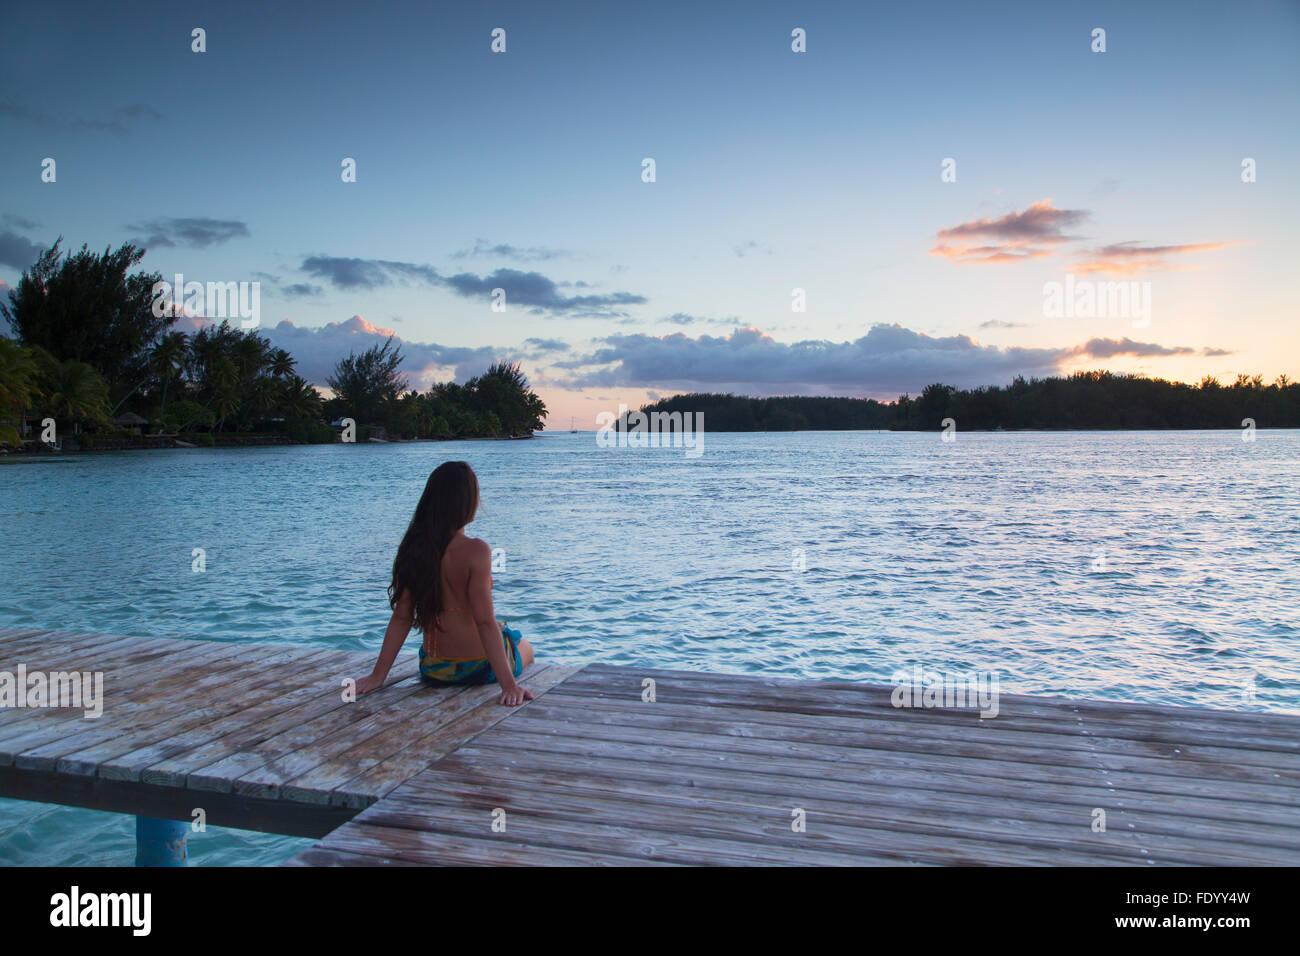 Woman sitting on jetty at sunset, Hauru Point, Mo'orea, îles de la société, Polynésie Française Photo Stock